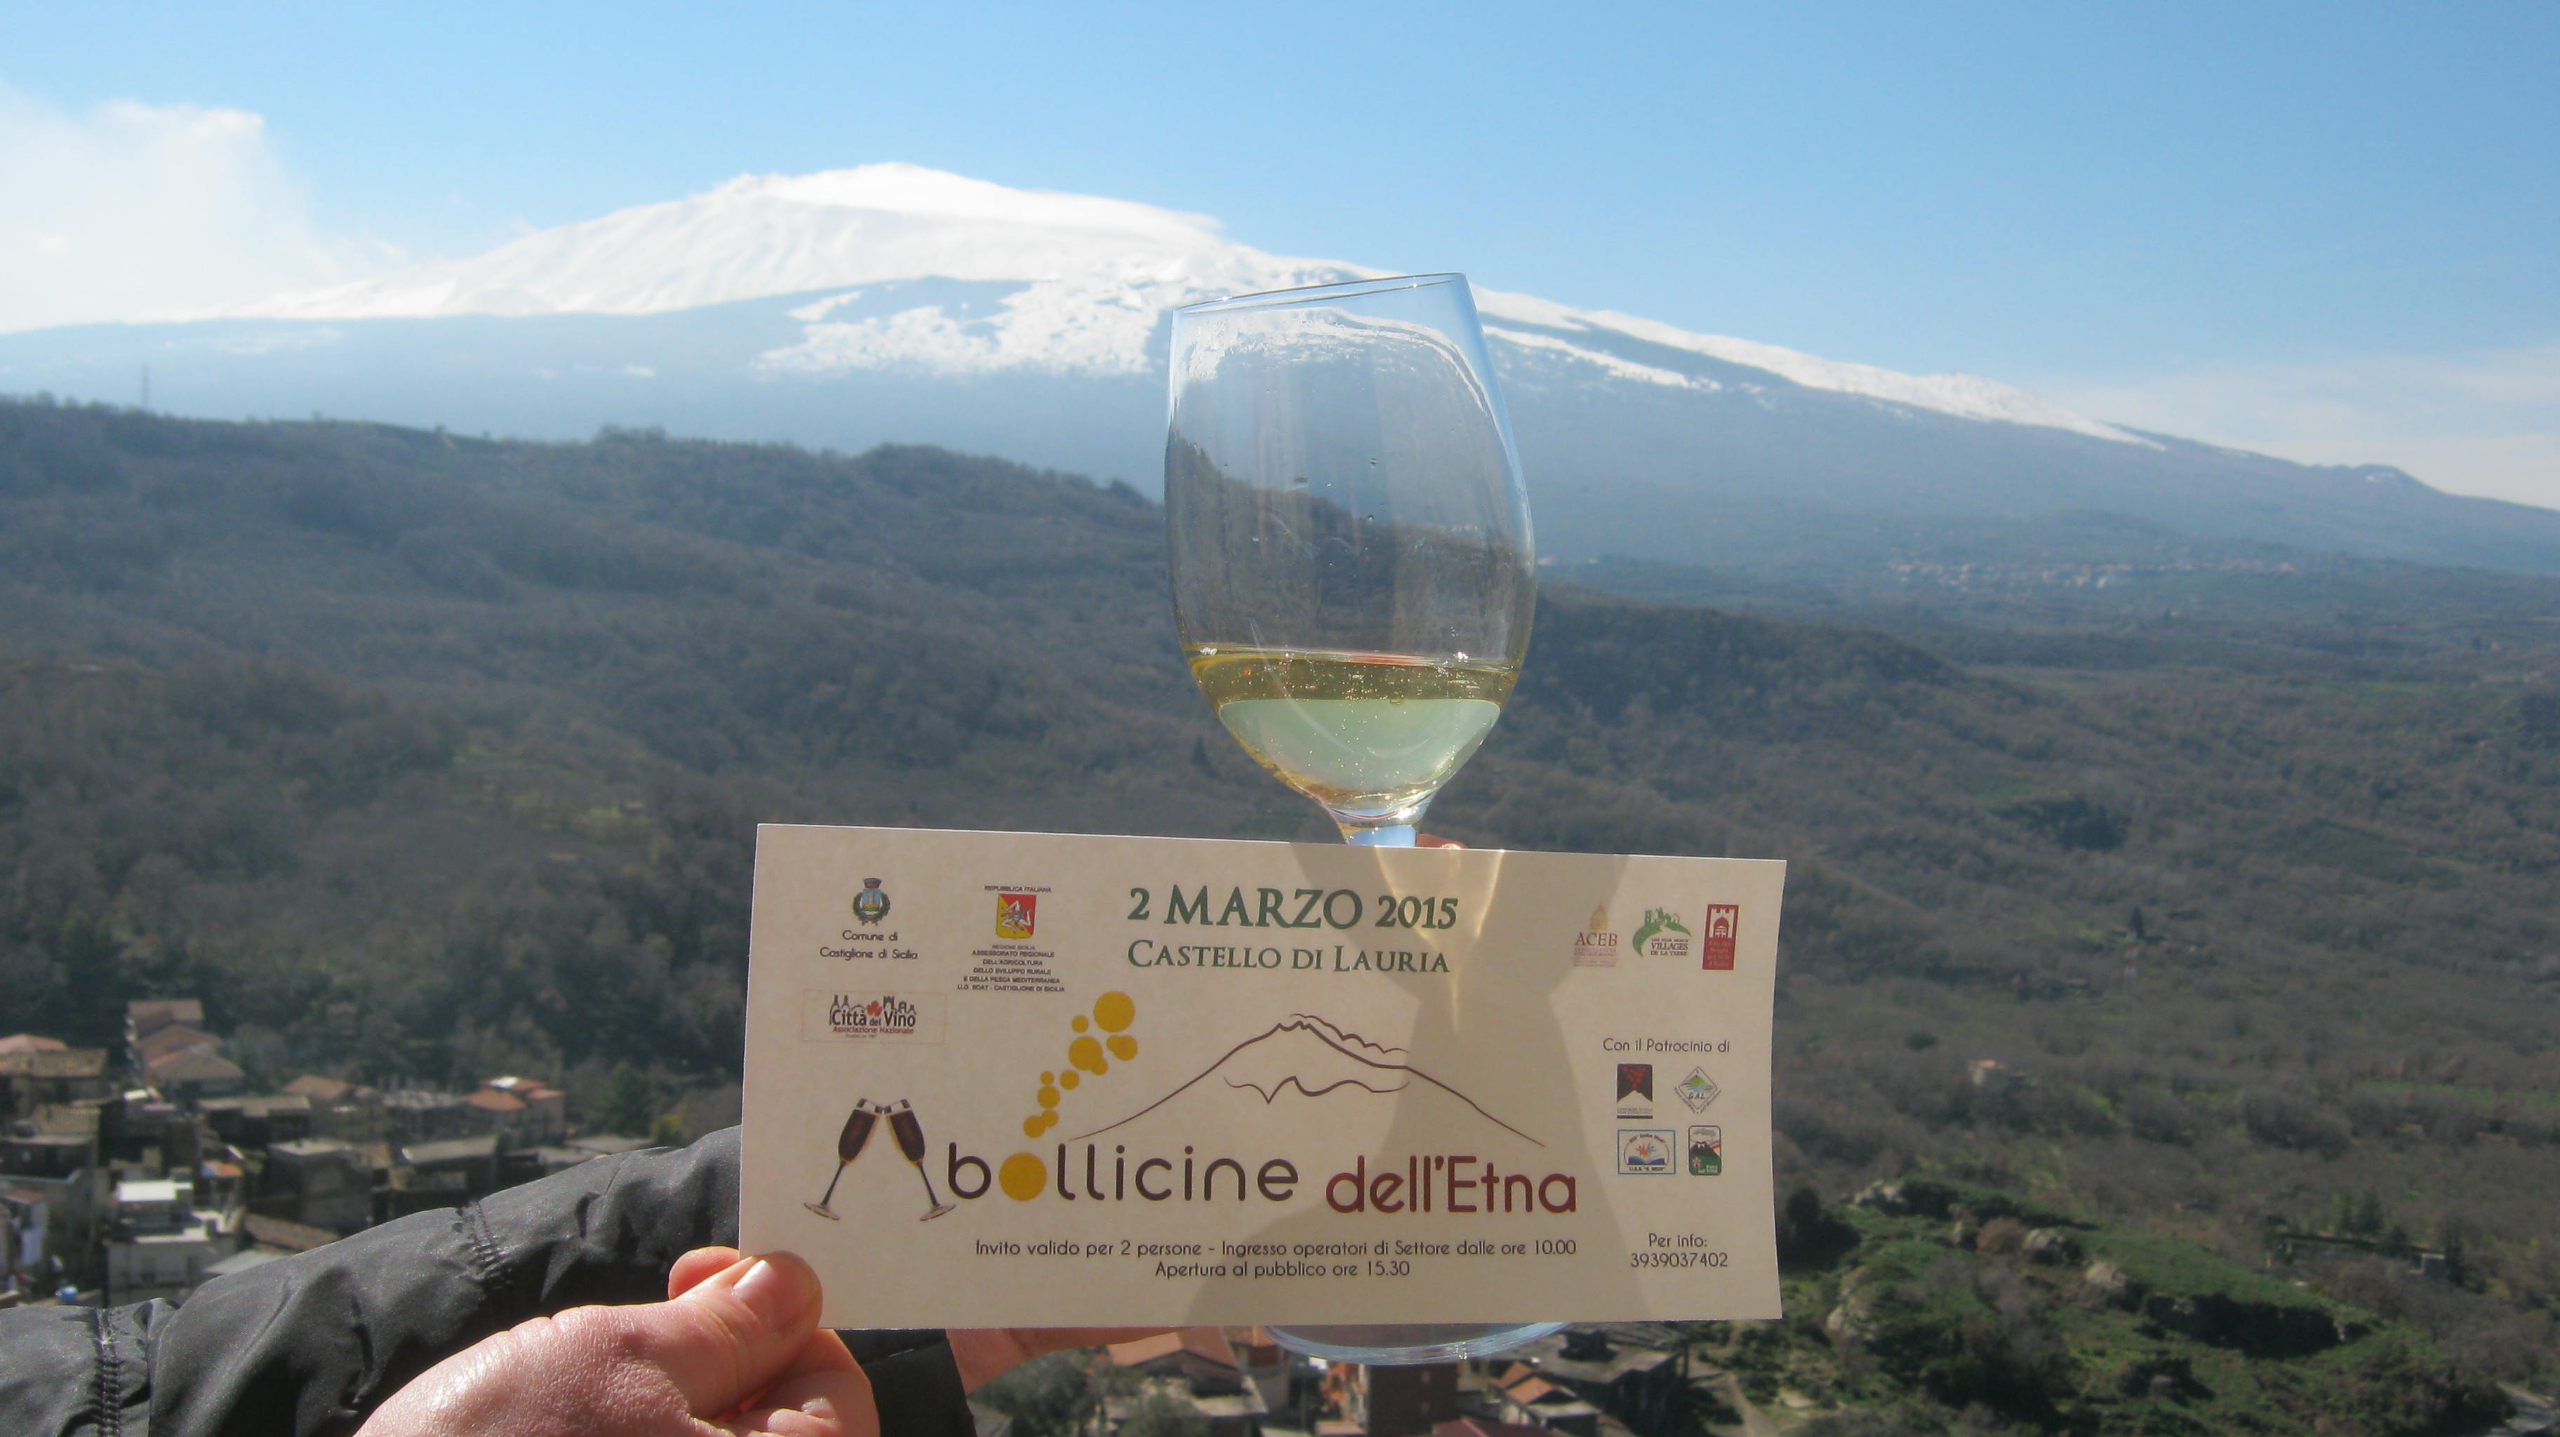 Bollicine dell'Etna 2015